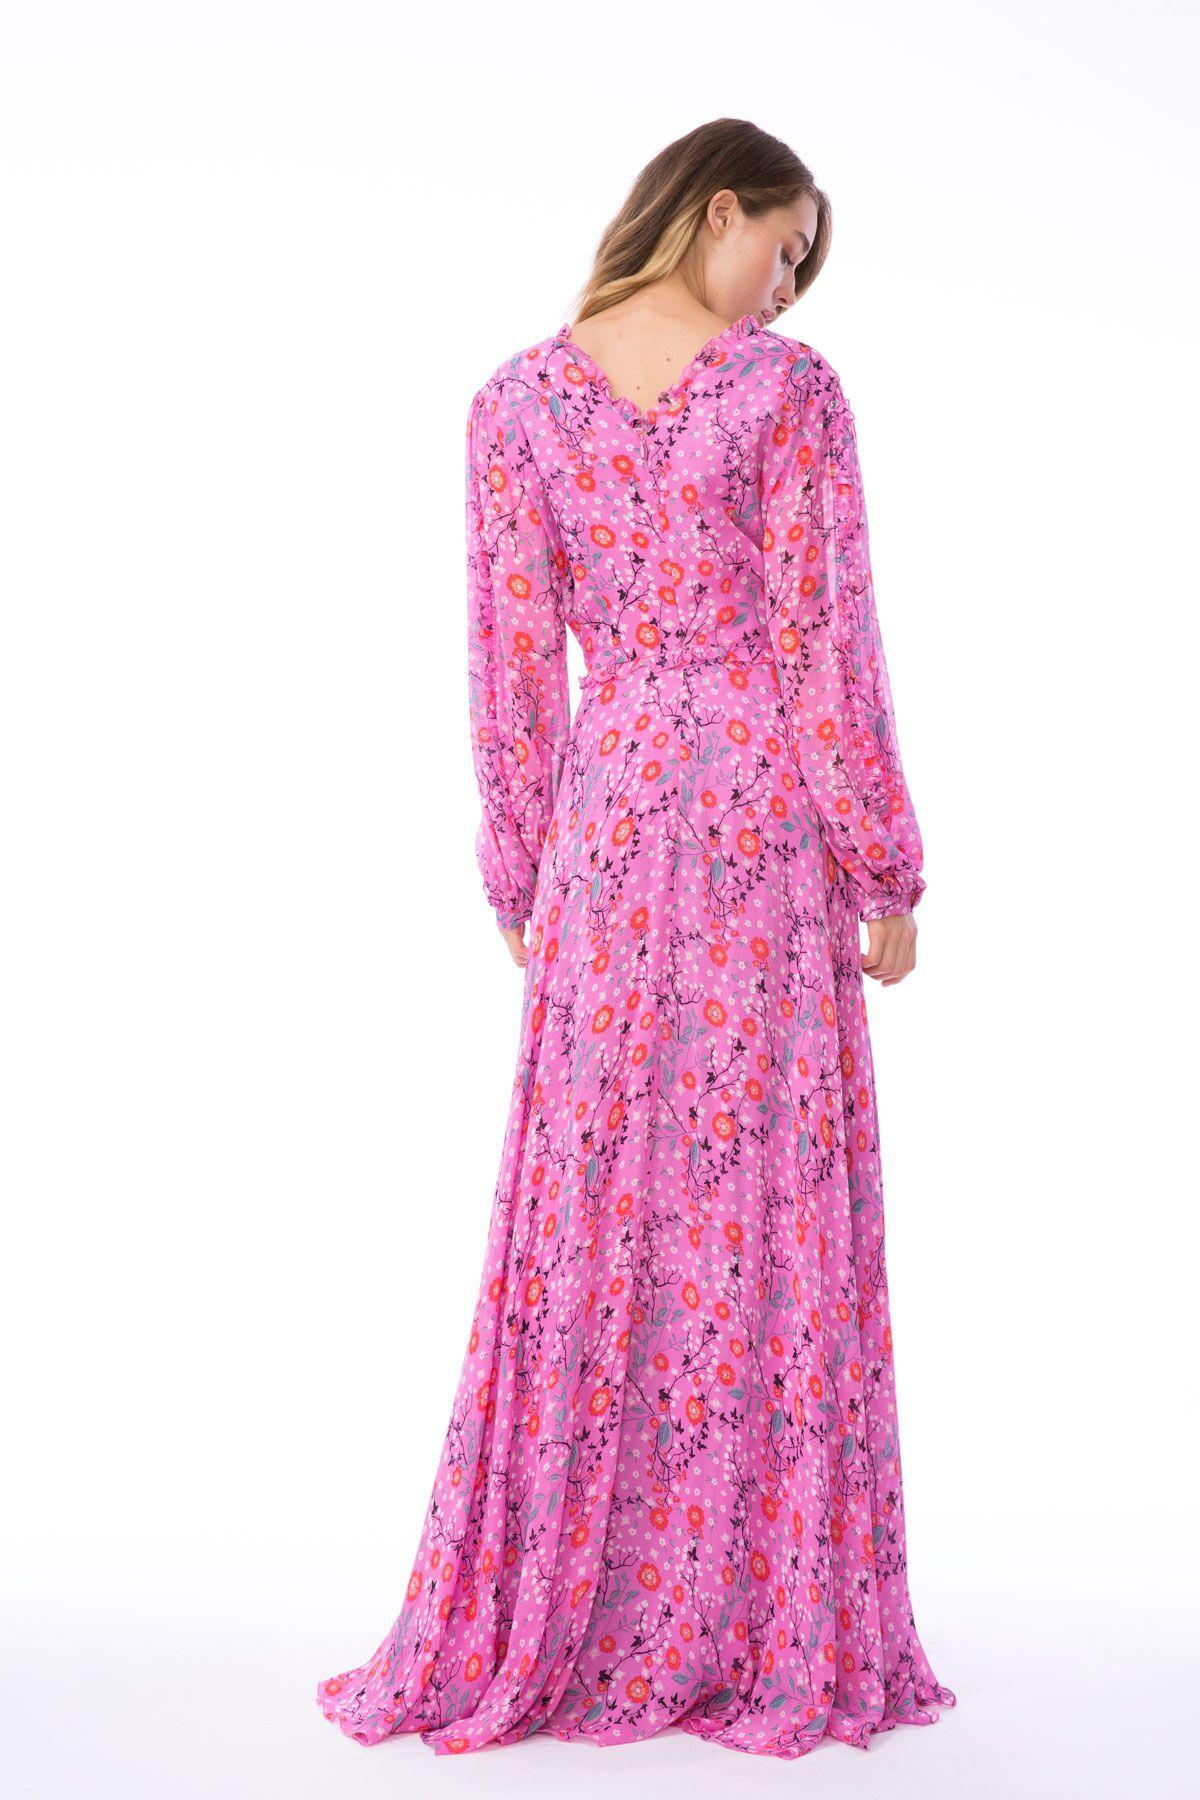 Fırfır Detaylı Uzun Pembe Şifon Elbise